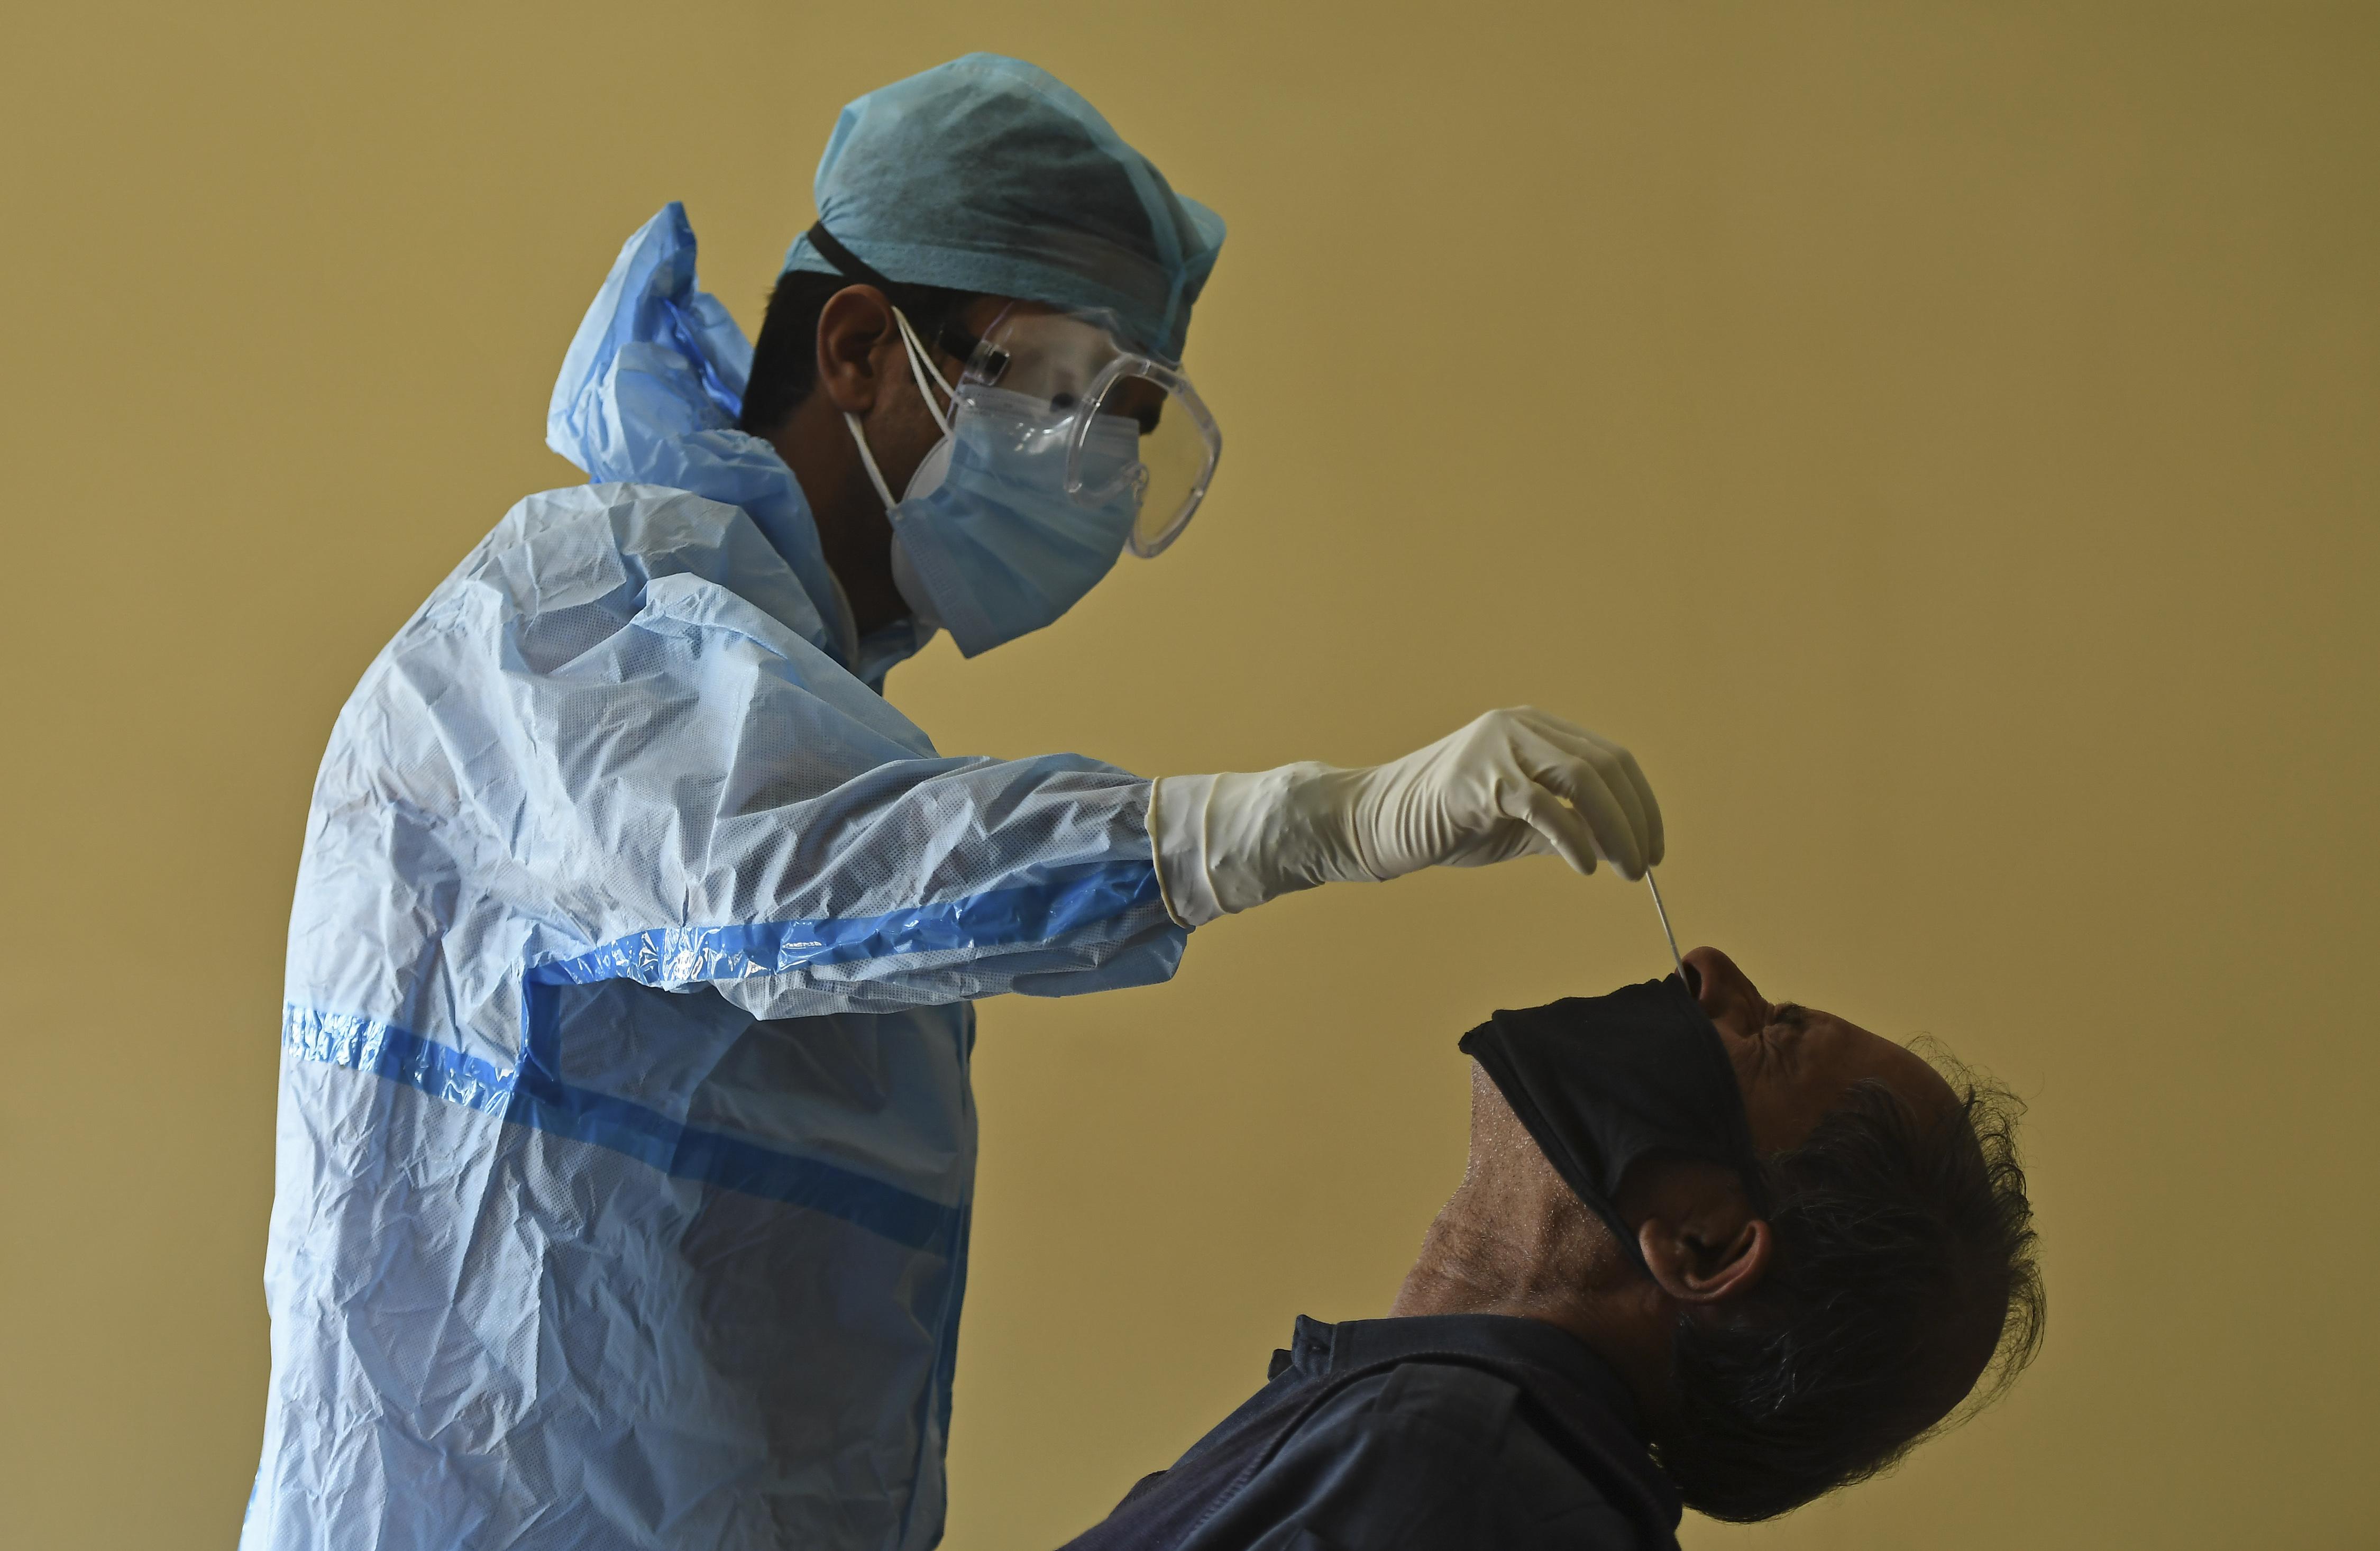 Egyre többet tudunk a koronavírus hosszú távú hatásairól, amik azoknál is megjelenhetnek, akik könnyen megúszták